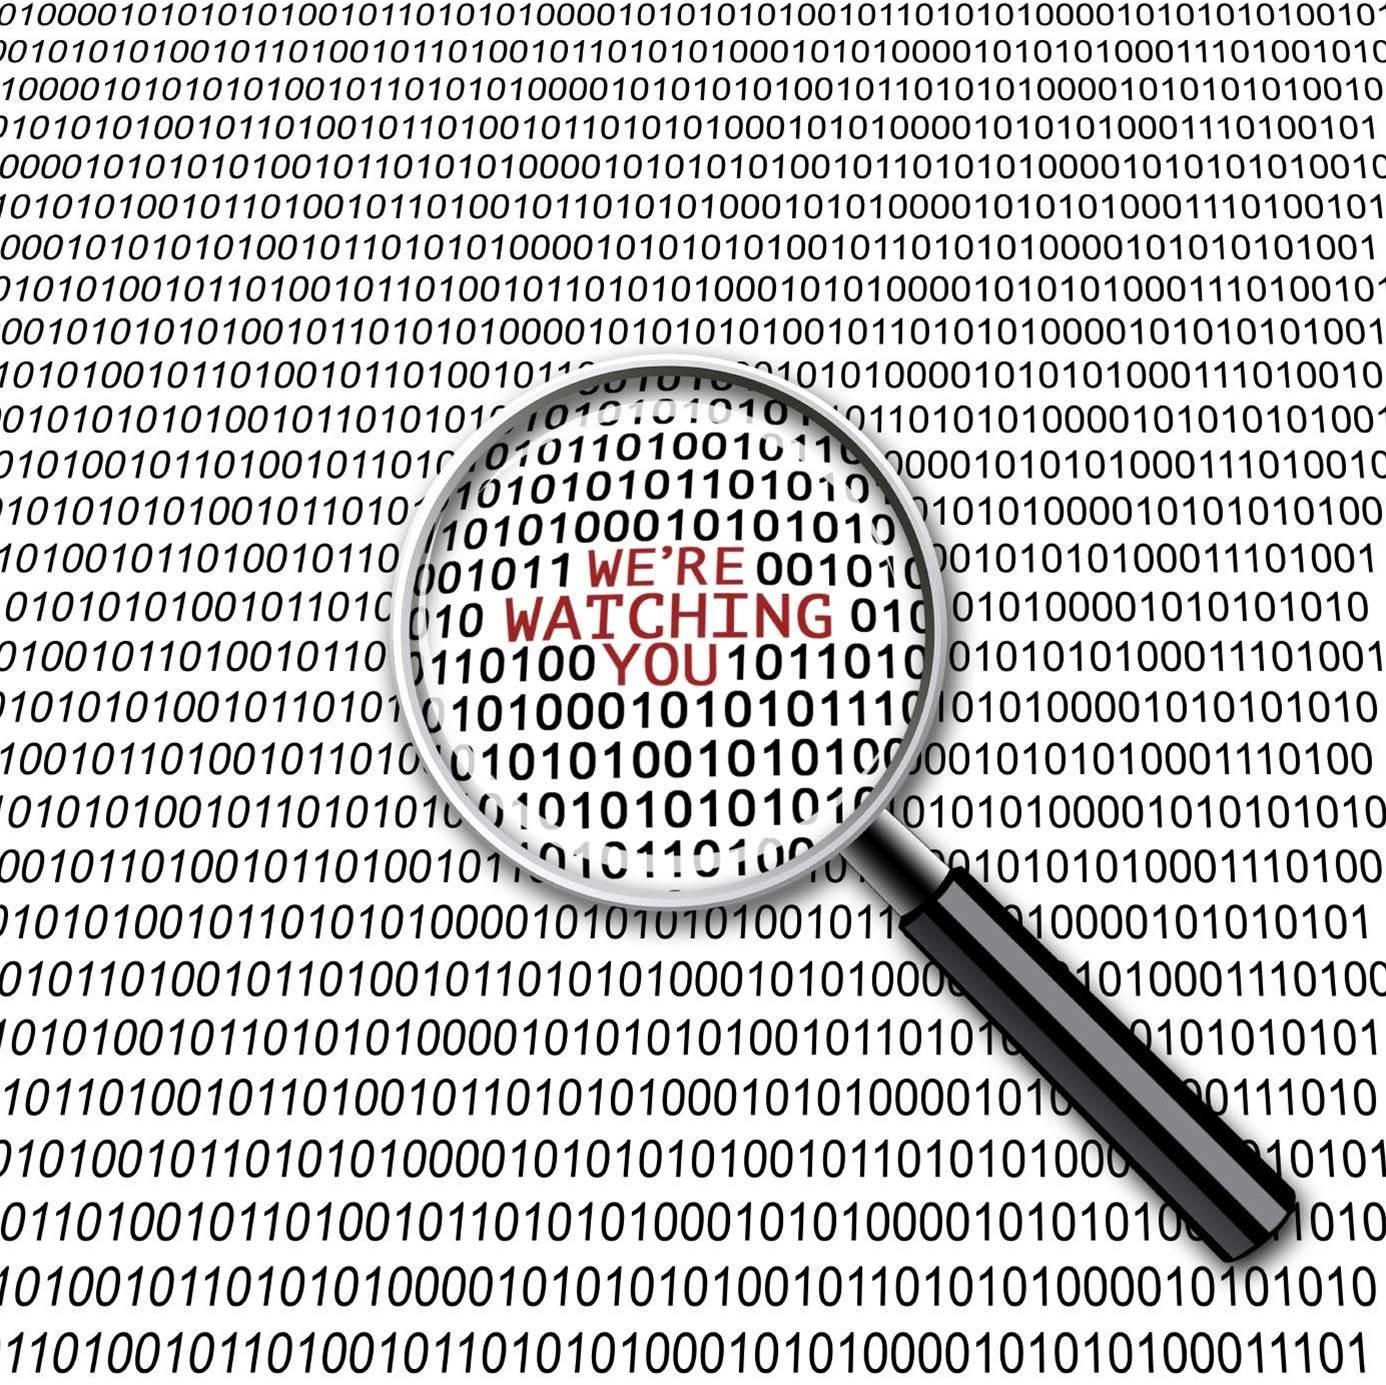 XKEYSCORE global spy system detailed in new Snowden leaks